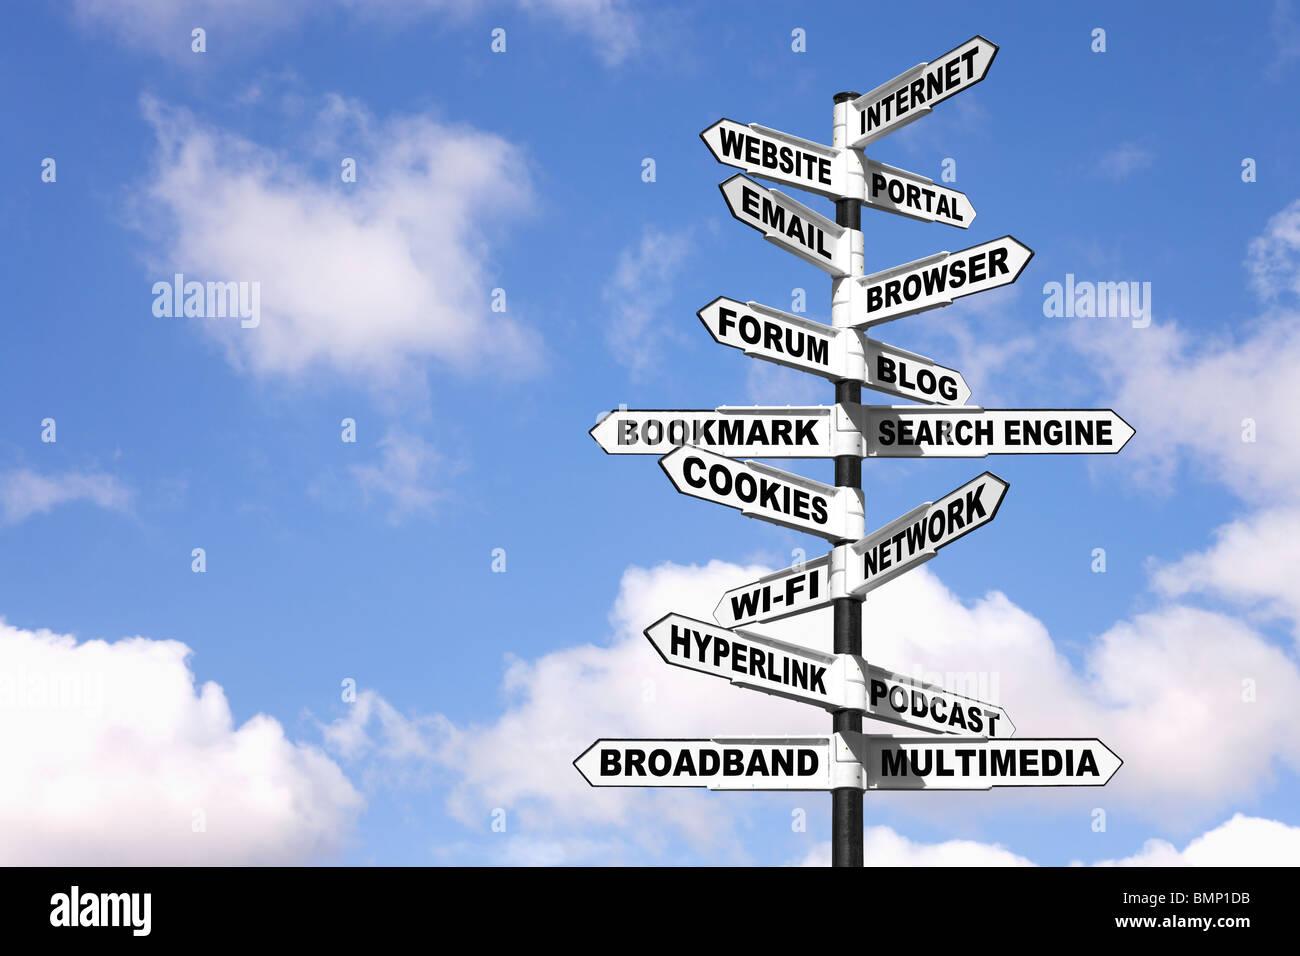 Concetto segnaletica per internet correlati alla terminologia, o in altre parole un cartello su internet super superstrada. Immagini Stock